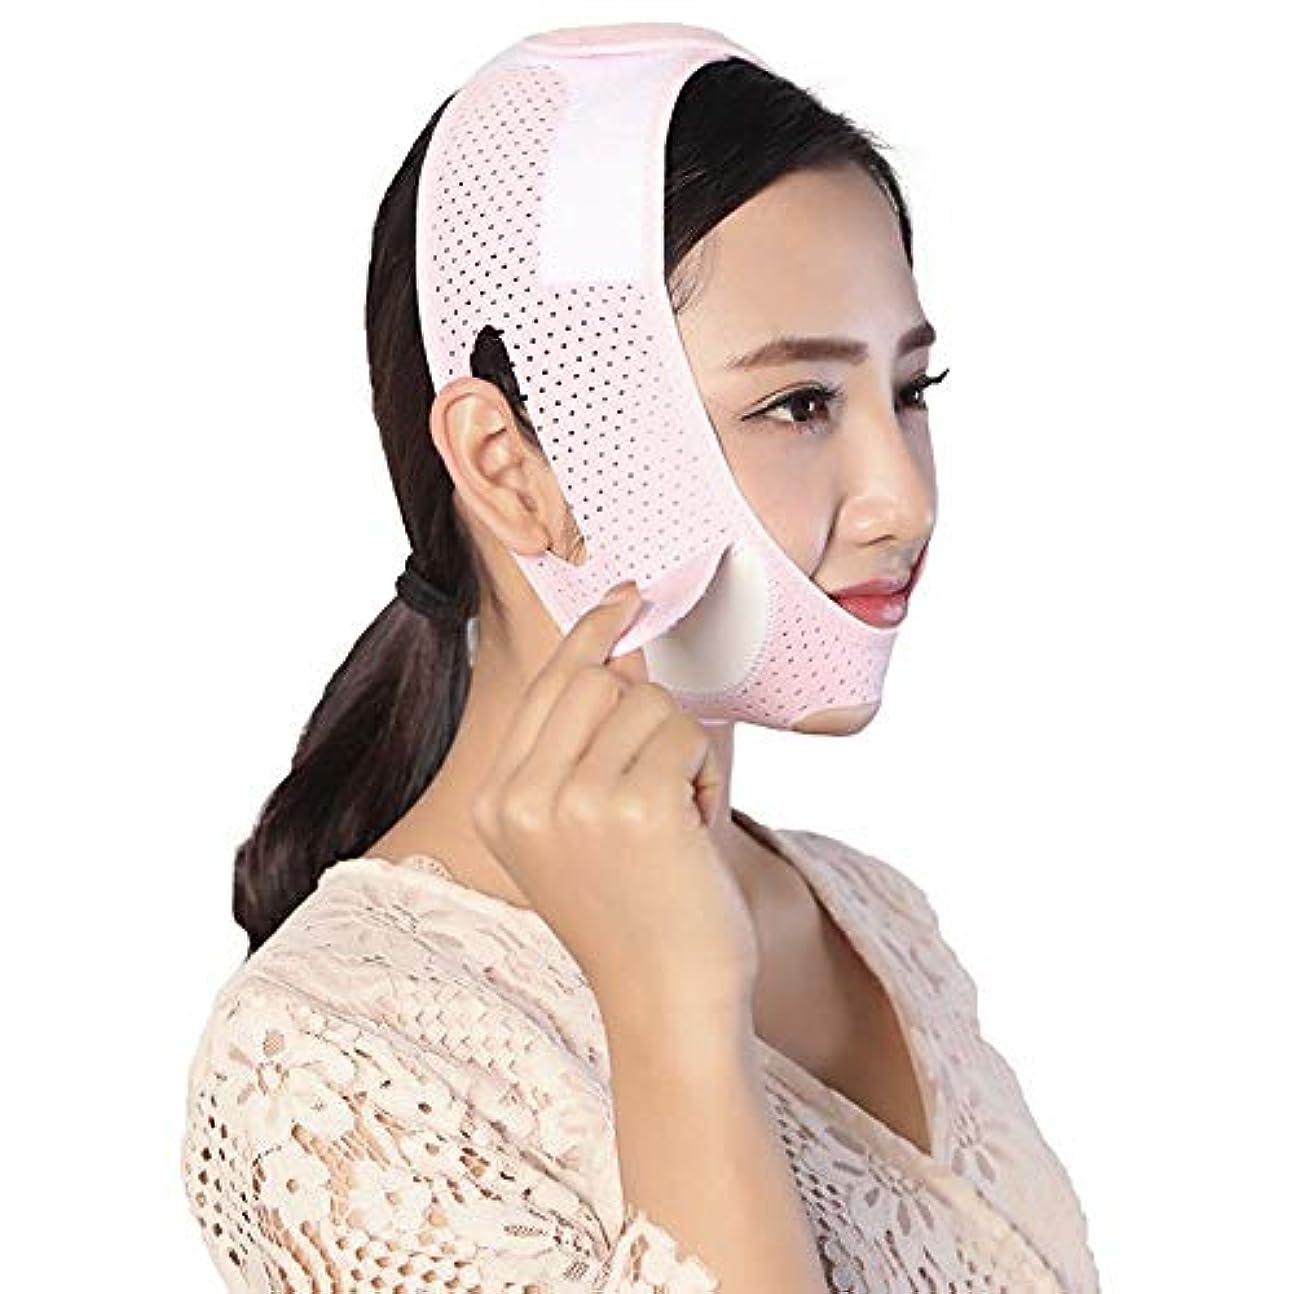 信者カセット容疑者薄い顔のバンド - 薄い顔の包帯は、ダブルの顎の法令Vをマスクするために持ち上げて睡眠マスクの通気 美しさ